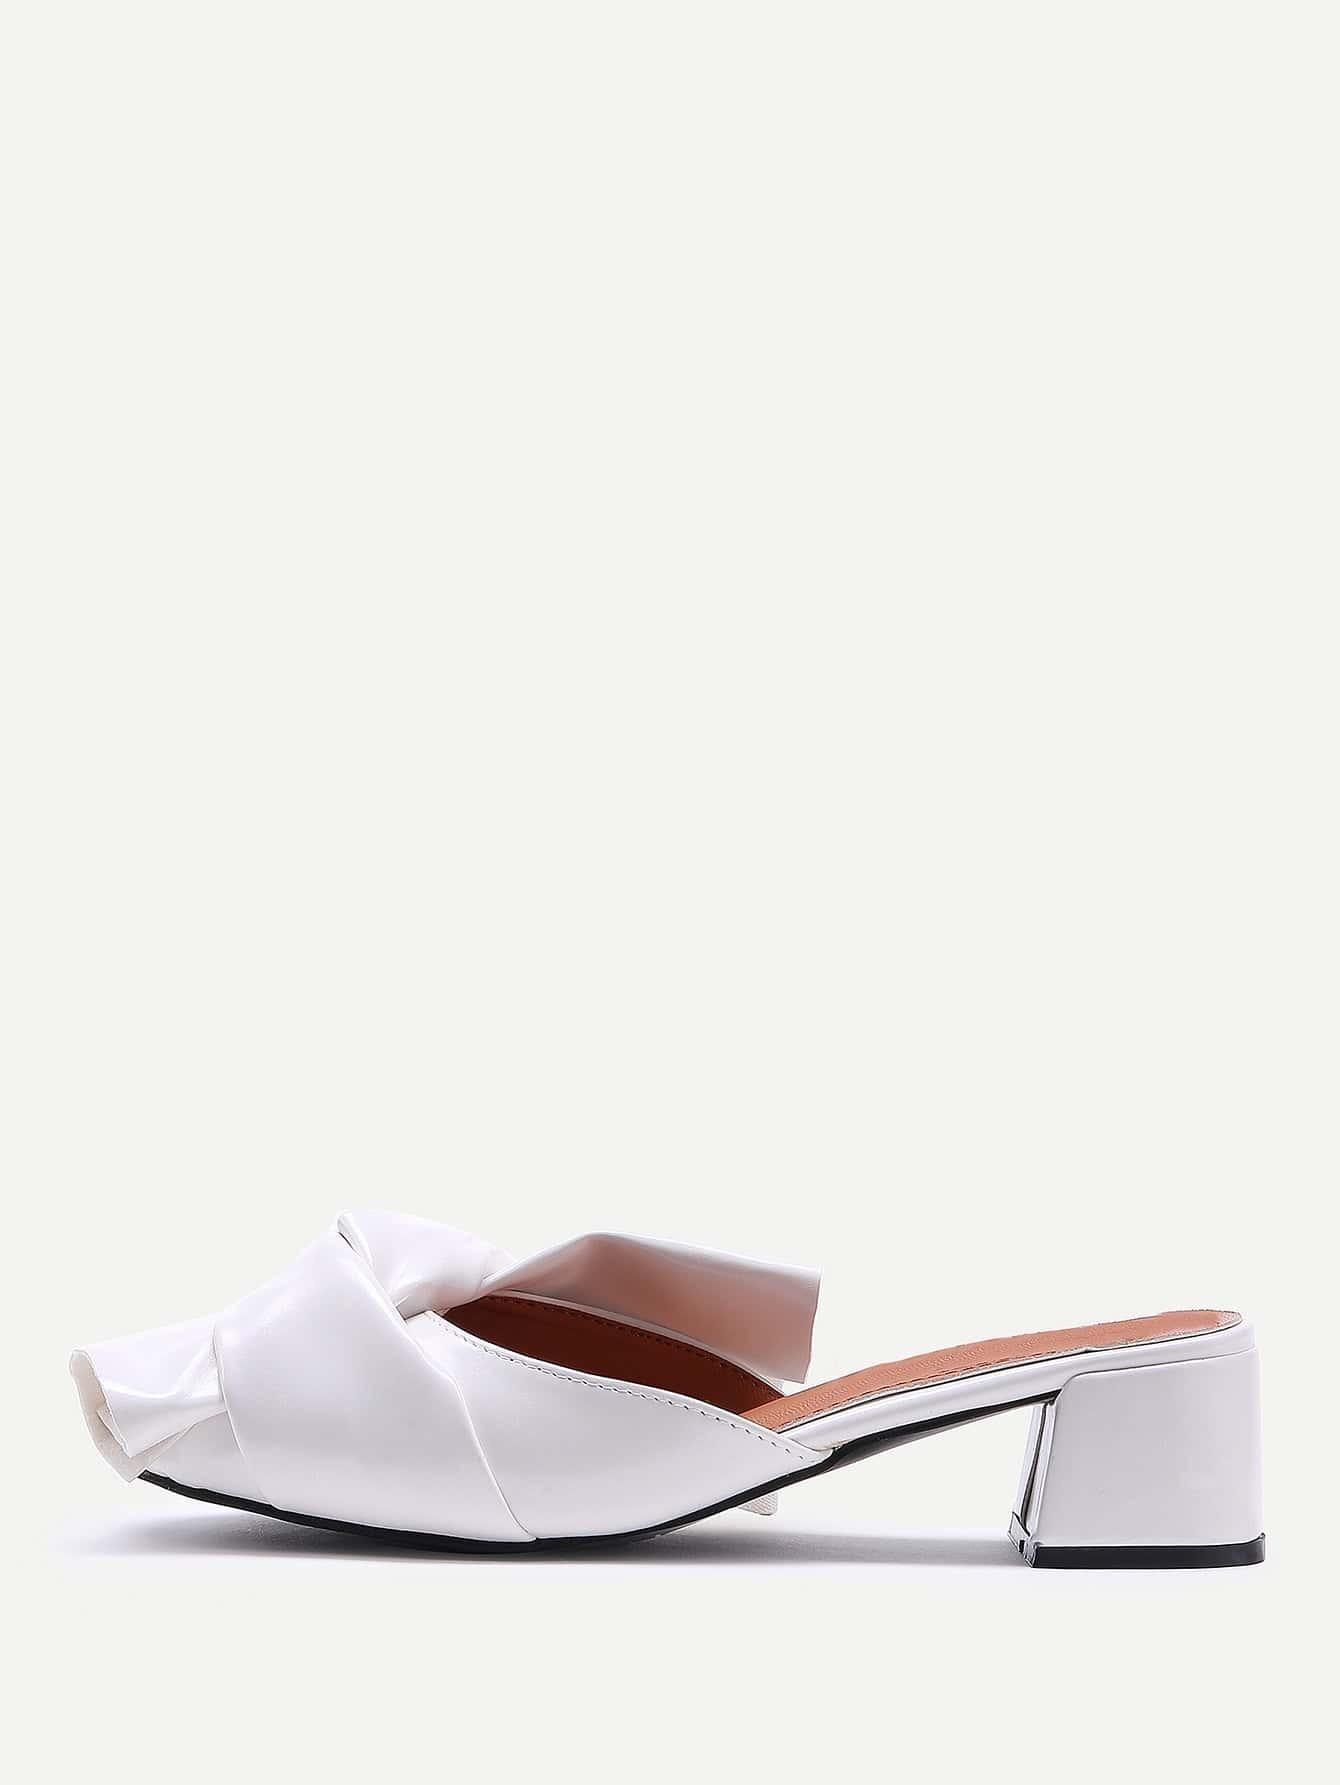 shoes170414806_2